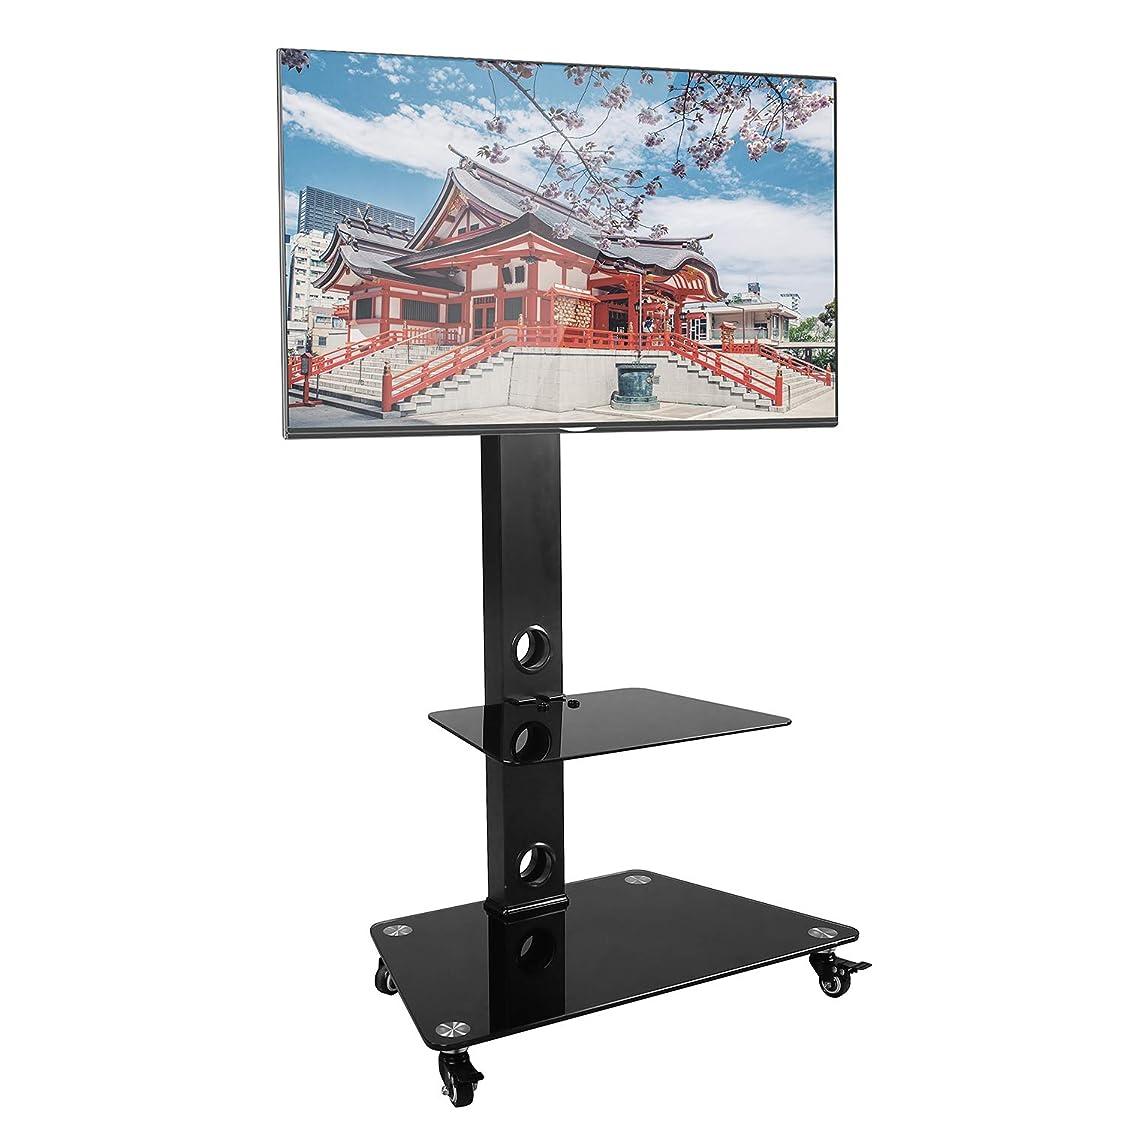 傾いたヒステリック値WLIVE テレビスタンド キャスター付き 液晶TVスタンド ディスプレイスタンド tvスタンド テレビモニター 壁寄せテレビスタンド 32~65インチ対応 耐荷重45kg VESA規格対応 高さ3段階調節 ラック左右25°回転可能 棚板付き 幅66×奥行40×高さ120cm 省スペース 移動式 家用 展示用 ブラック MF0084A